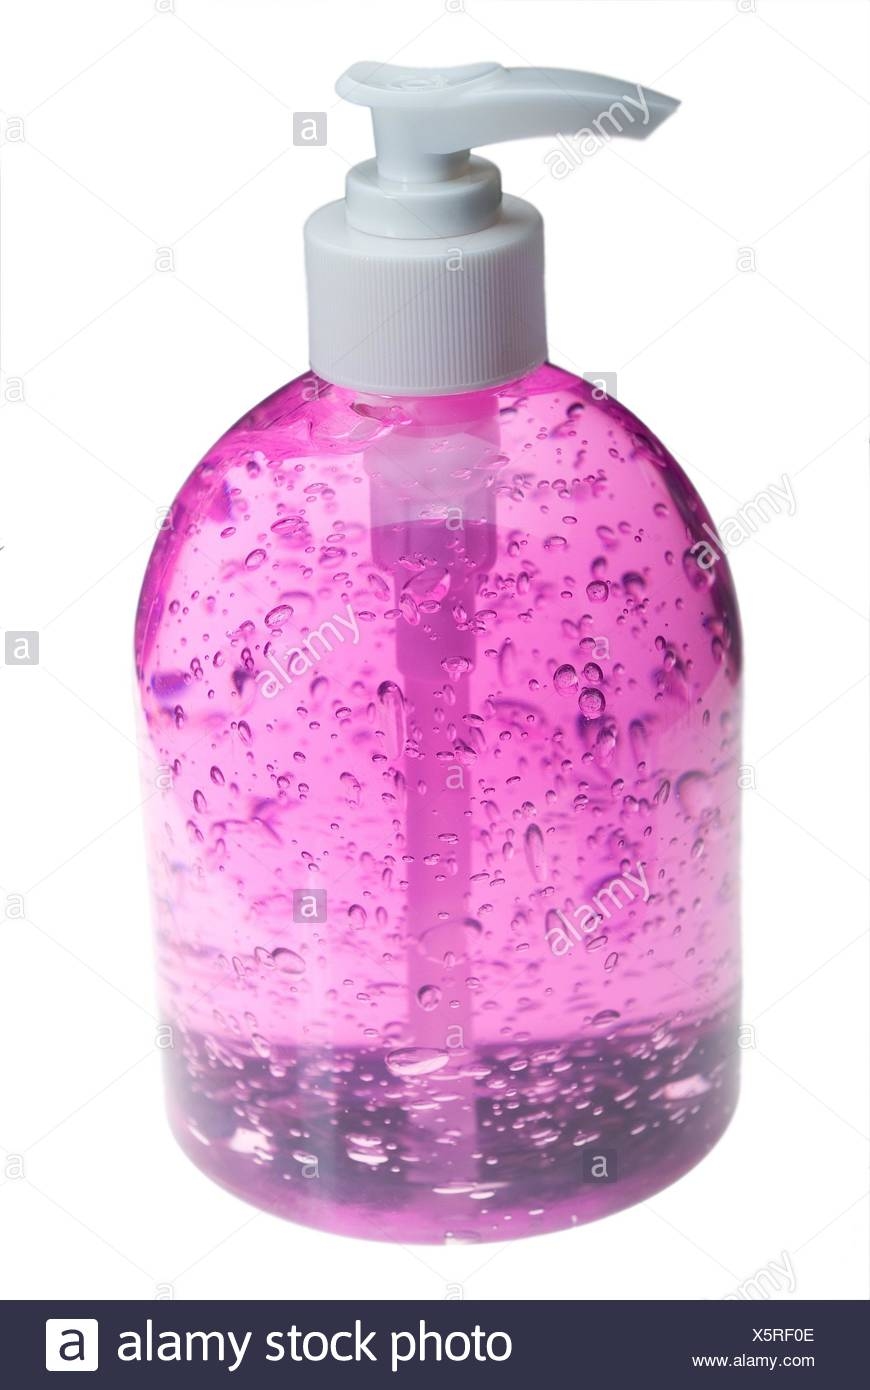 colorfull hair gel bottle over white background. - Stock Image